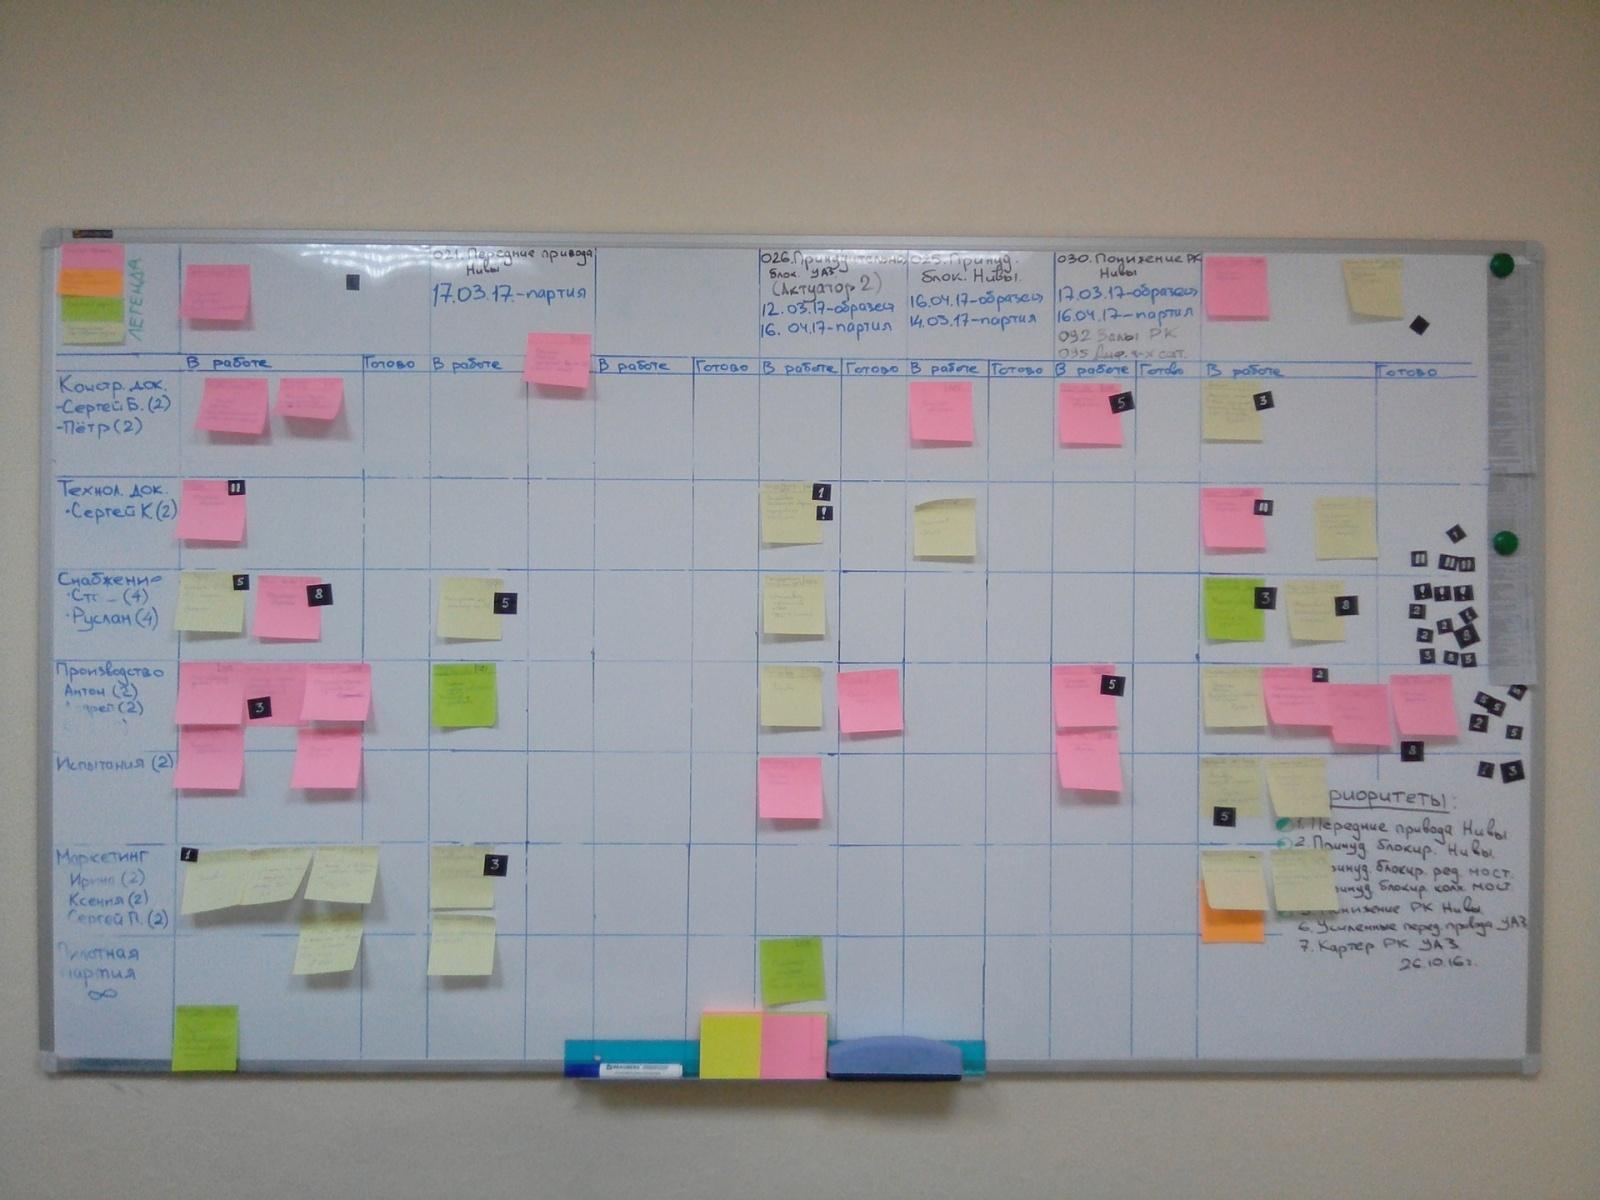 Канбан в управлении разработкой продуктов в машиностроении - 3